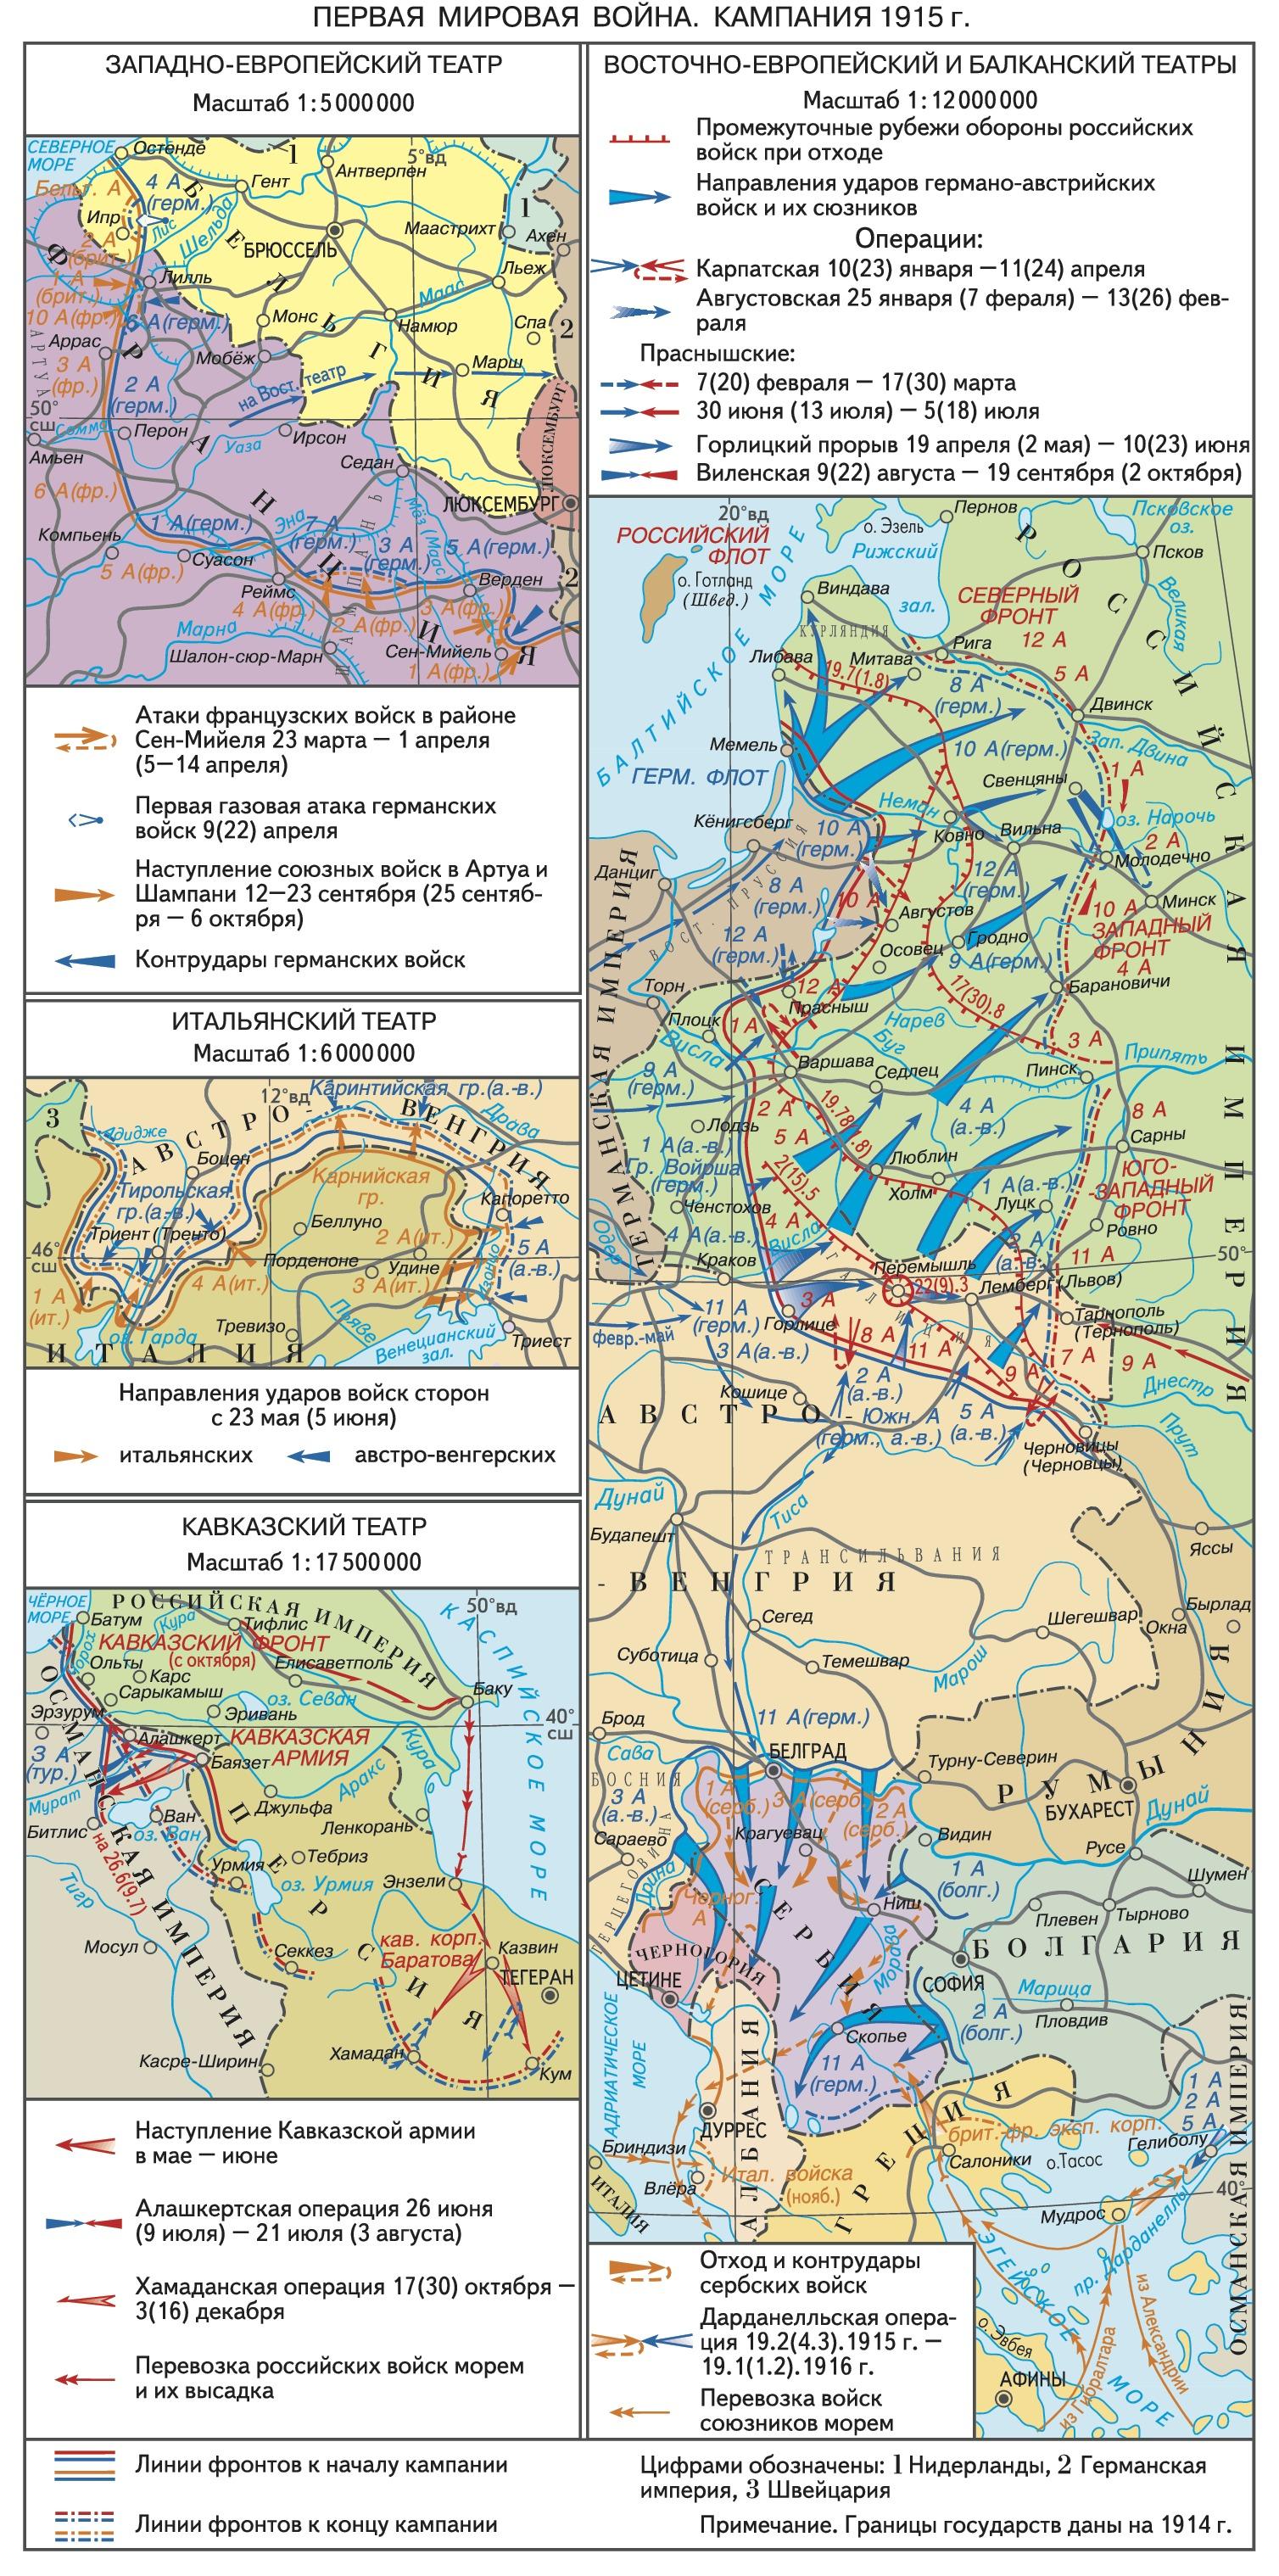 дарданелльская десантная операция